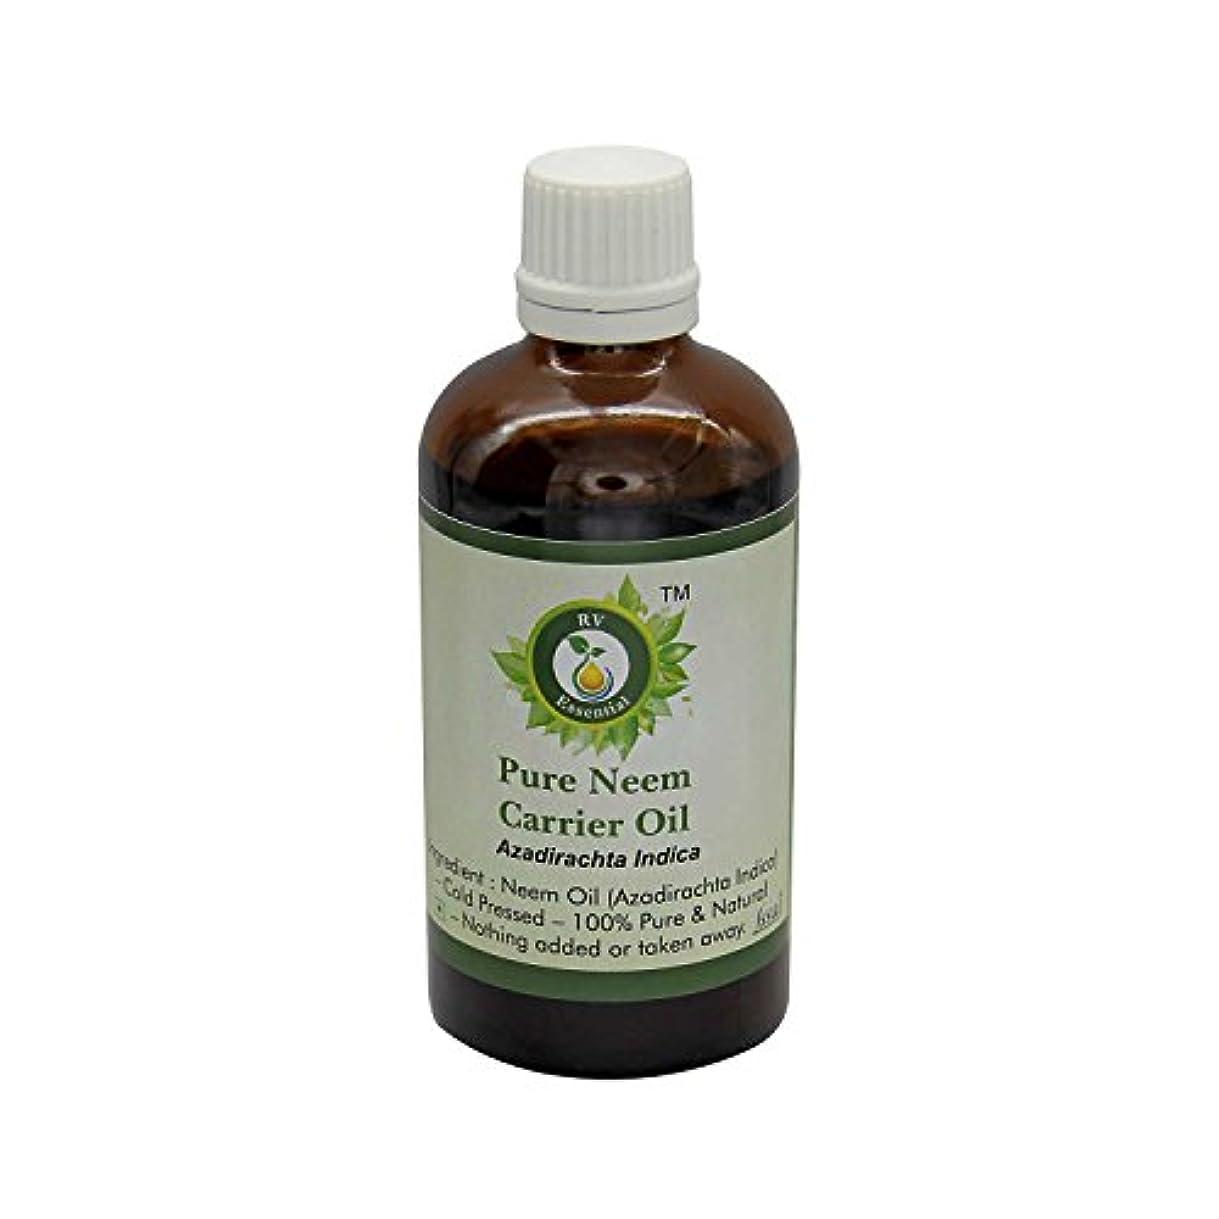 権限デッドロック中止しますR V Essential 純Neemキャリアオイル30ml (1.01oz)- Azadirachta Indica (100%ピュア&ナチュラルコールドPressed) Pure Neem Carrier Oil